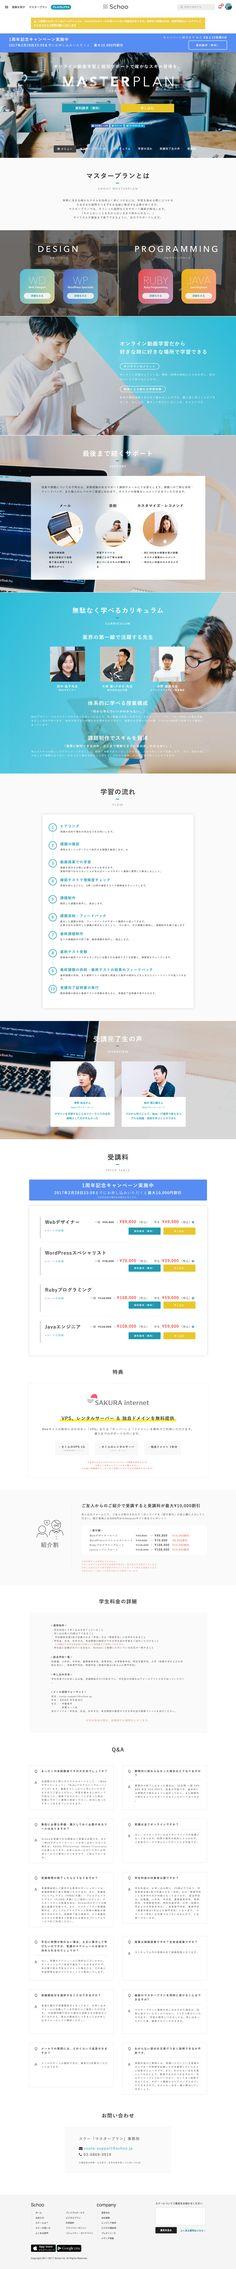 マスタープラン - Schoo(スクー) - Schoo(スクー) https://schoo.jp/route/masterplan